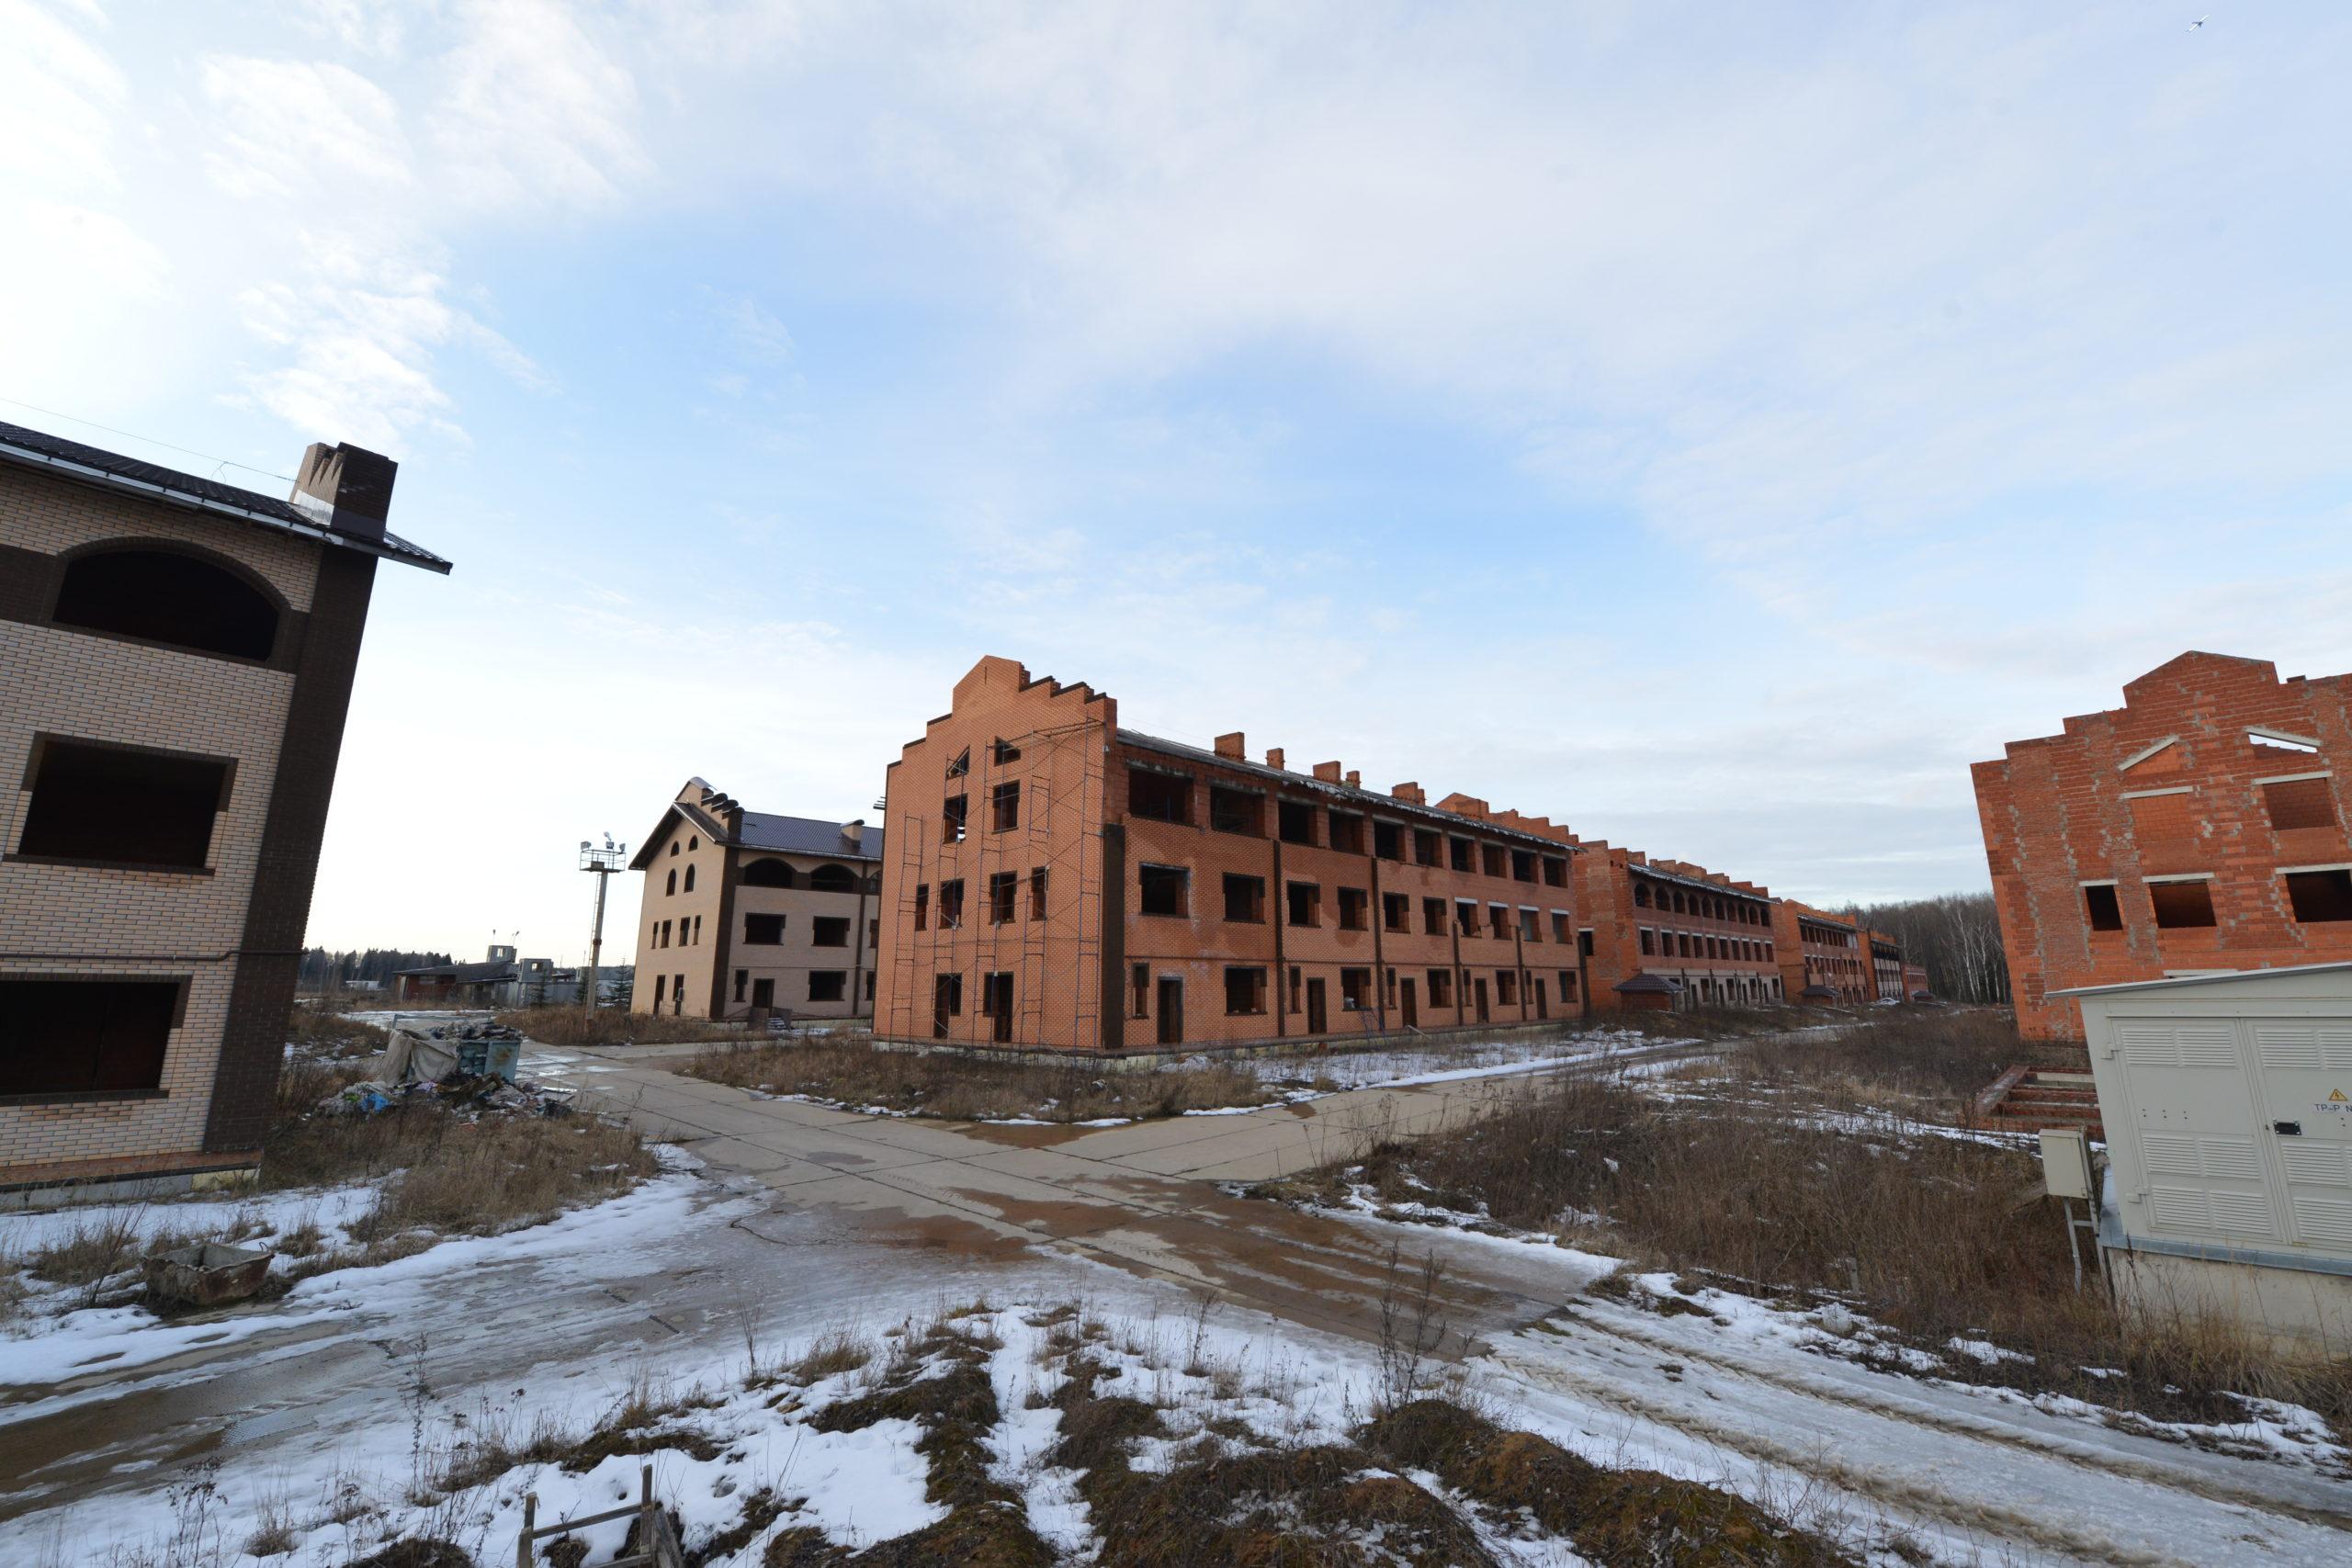 Фотоотчет со строительной площадки ЖК апрель 2020 г.